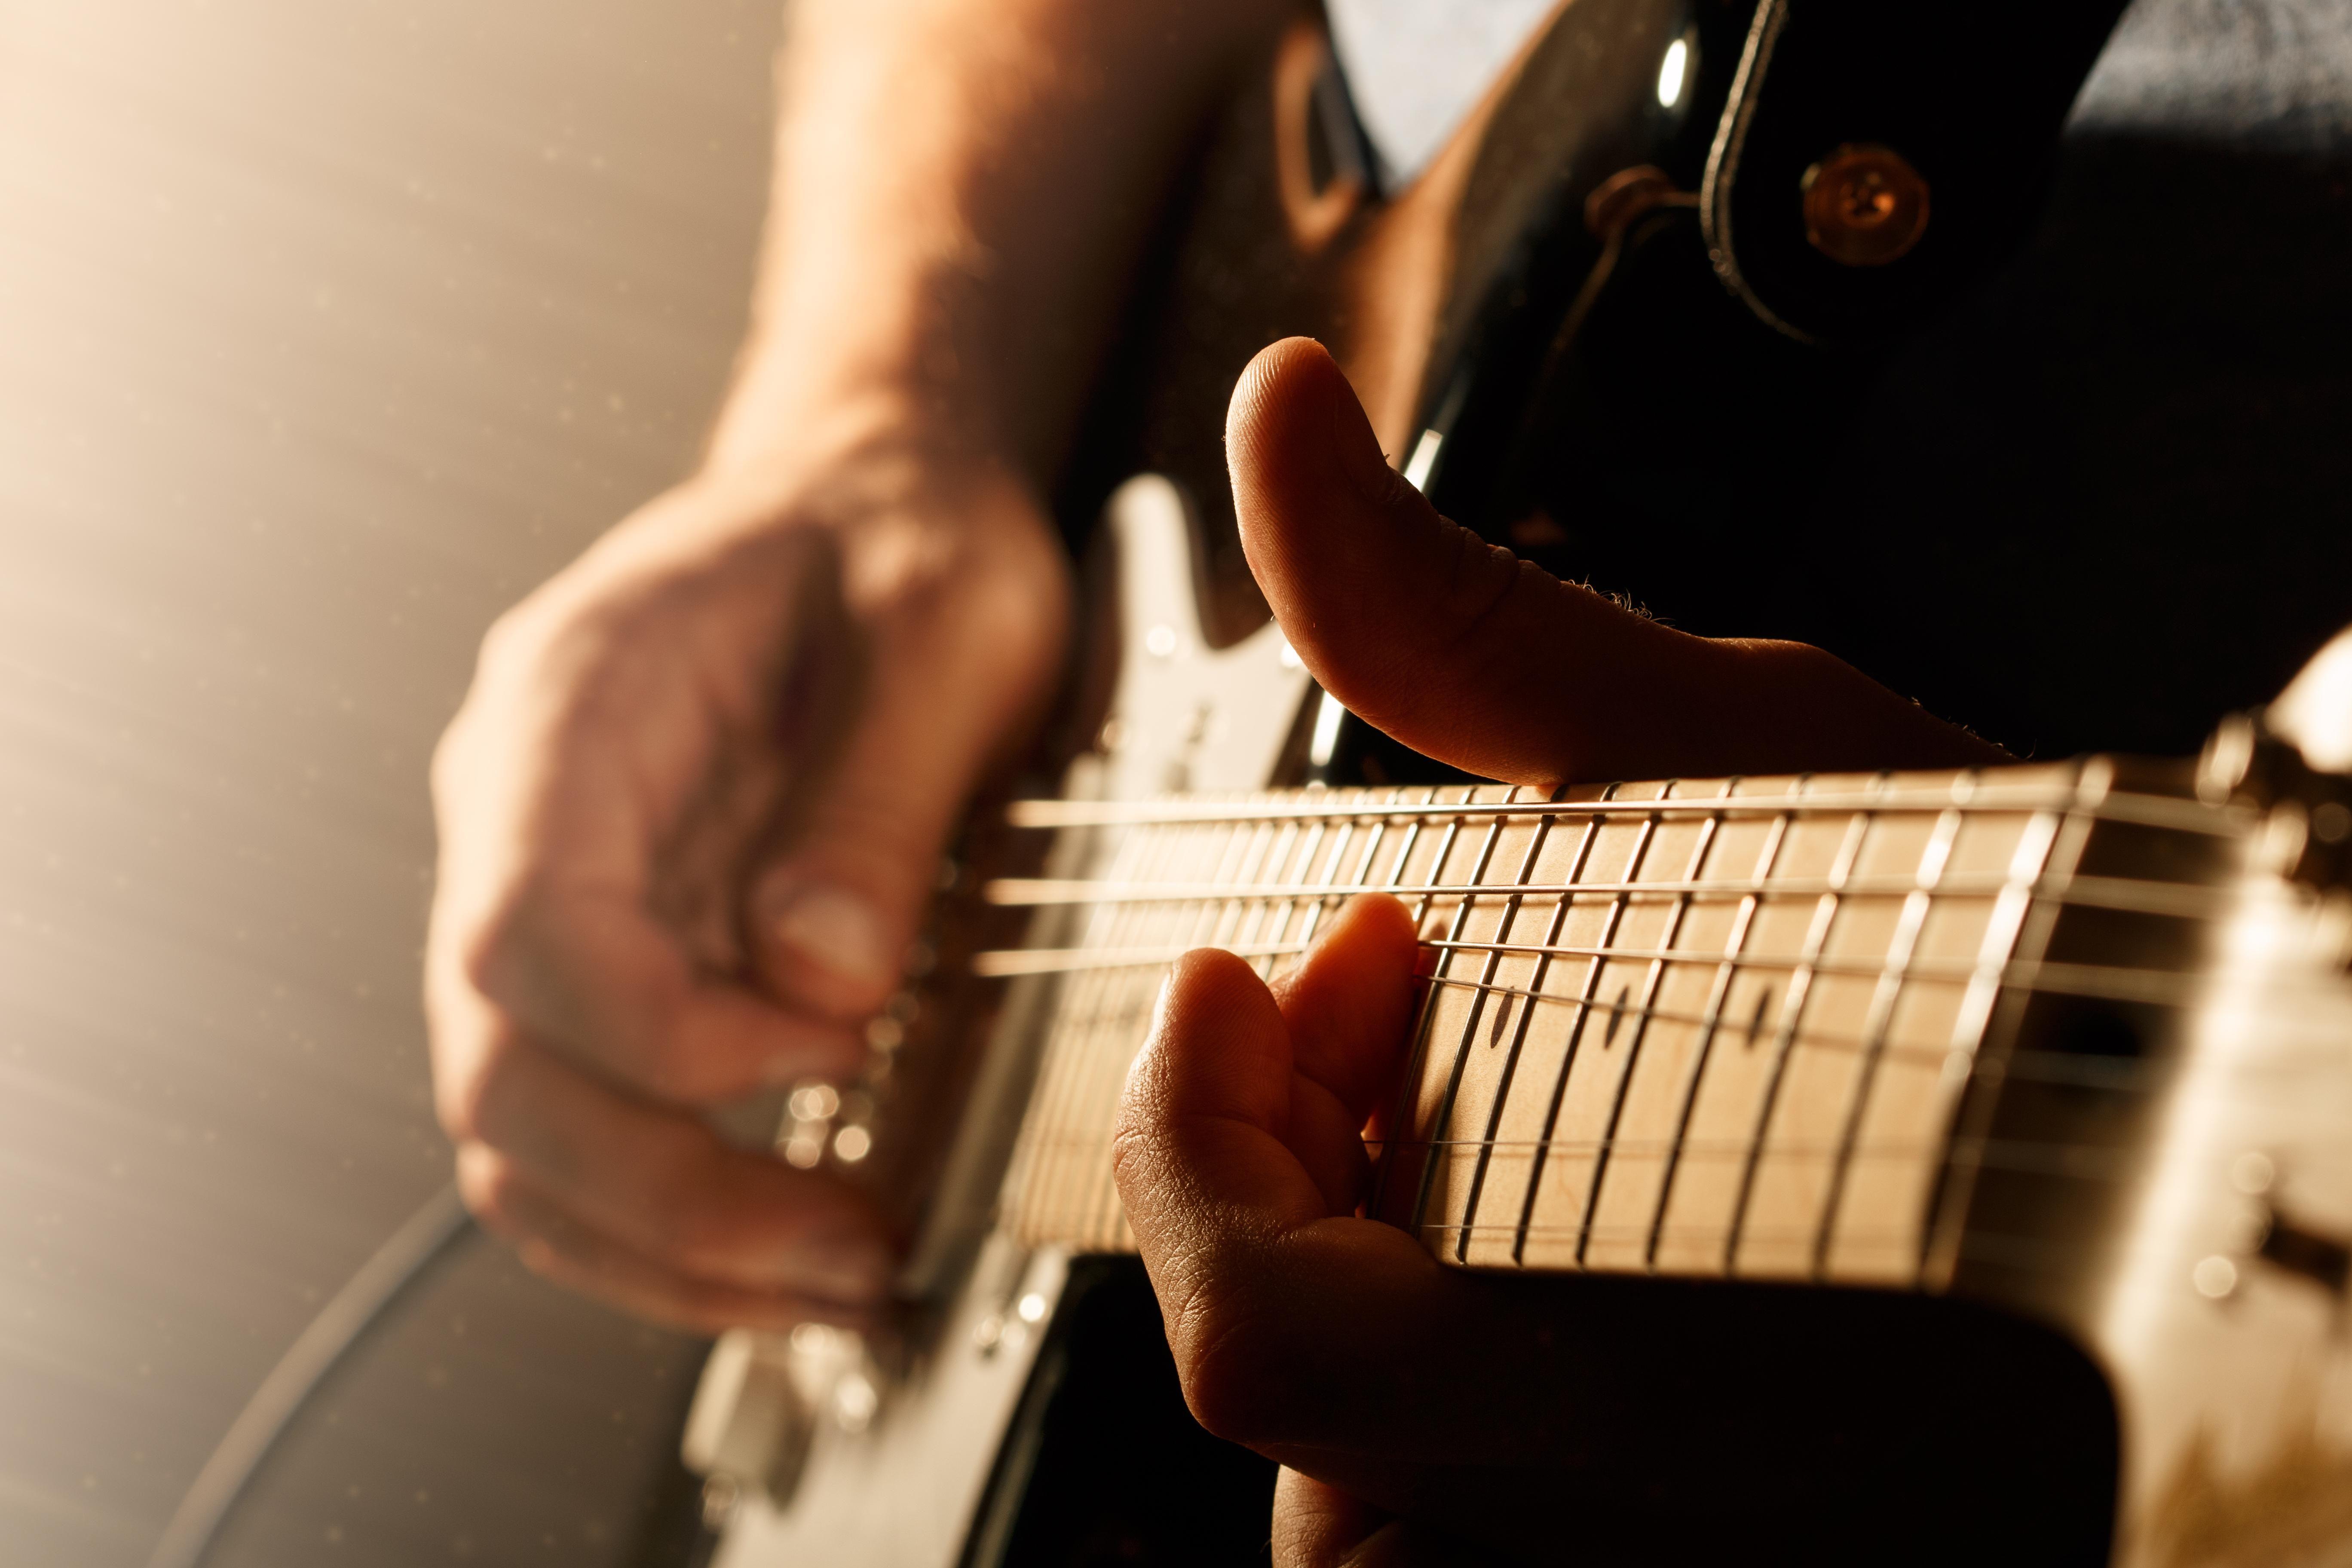 Guitar string bending